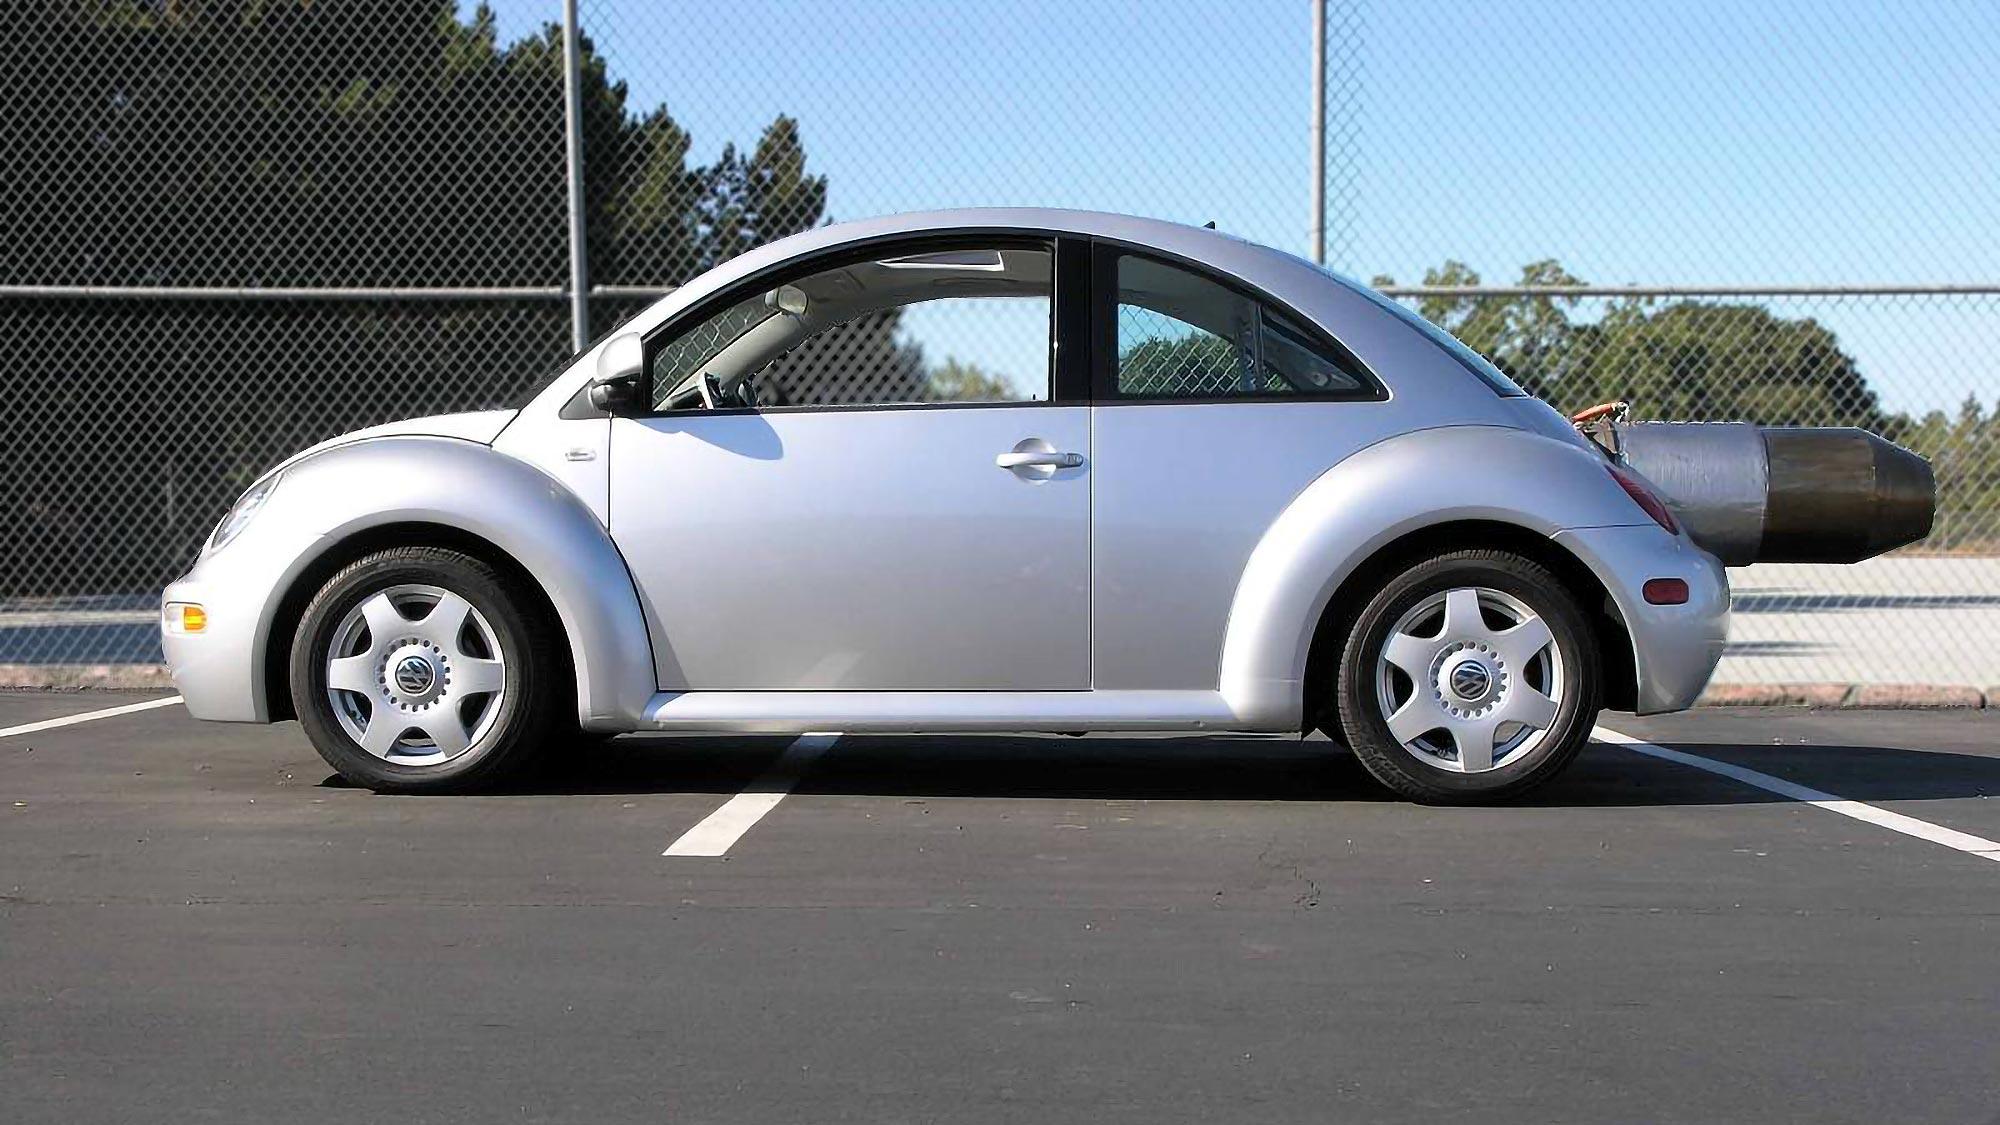 Jet Powered Volkswagen Beetle Craigslist